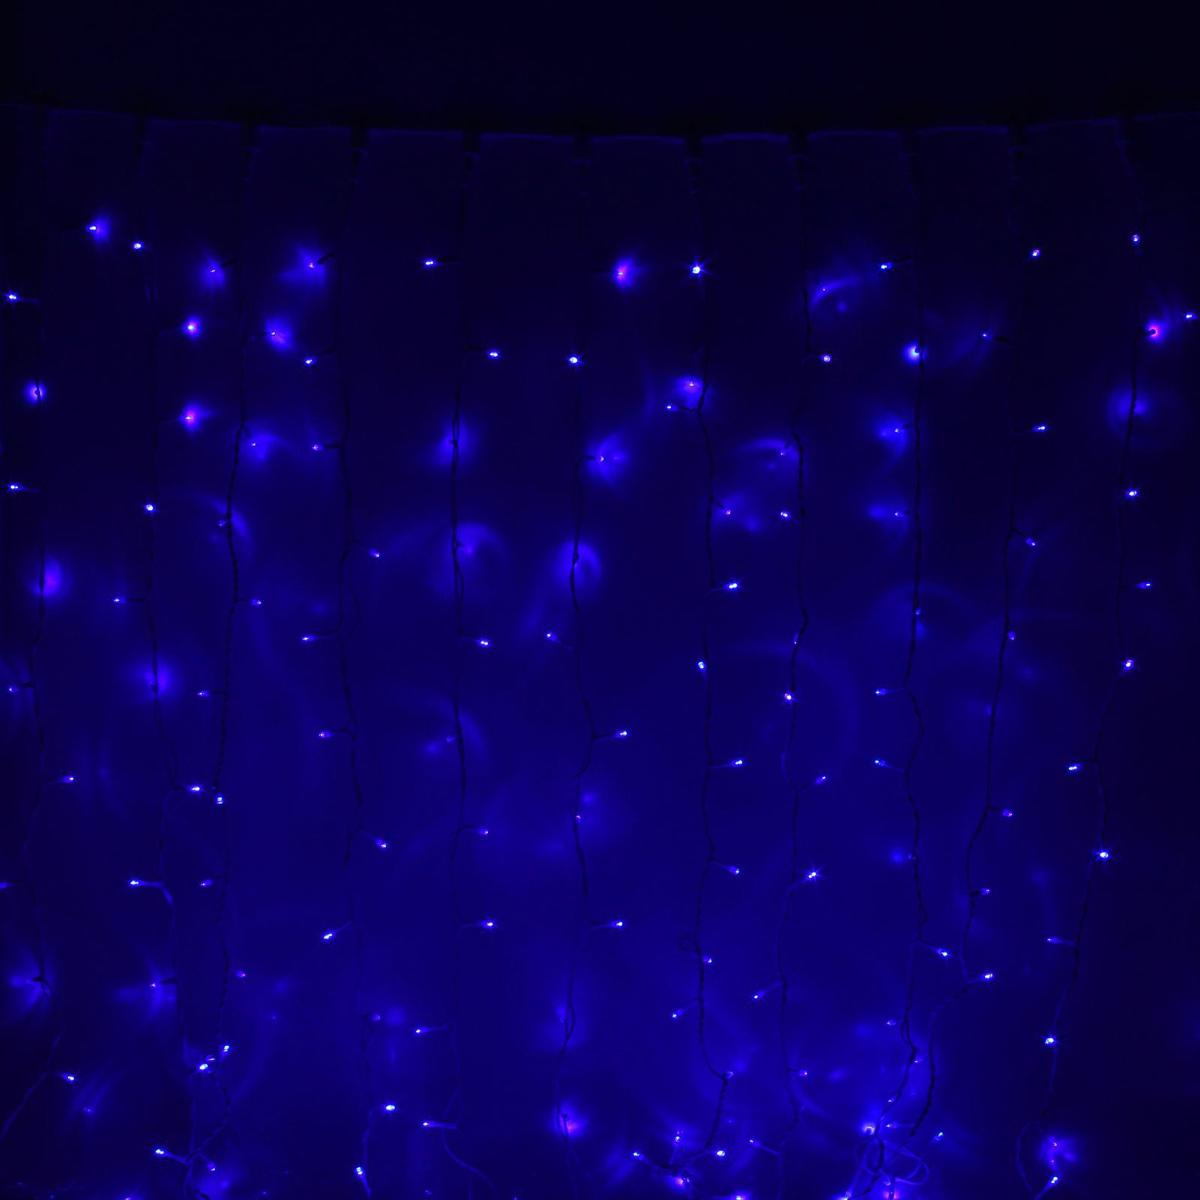 Гирлянда светодиодная Luazon Занавес, цвет: синий, уличная, 1440 ламп, 220 V, 2 х 6 м. 10802571080257Светодиодные гирлянды и ленты — это отличный вариант для новогоднего оформления интерьера или фасада. С их помощью помещение любого размера можно превратить в праздничный зал, а внешние элементы зданий, украшенные ими, мгновенно станут напоминать очертания сказочного дворца. Такие украшения создают ауру предвкушения чуда. Деревья, фасады, витрины, окна и арки будто специально созданы, чтобы вы украсили их светящимися нитями.